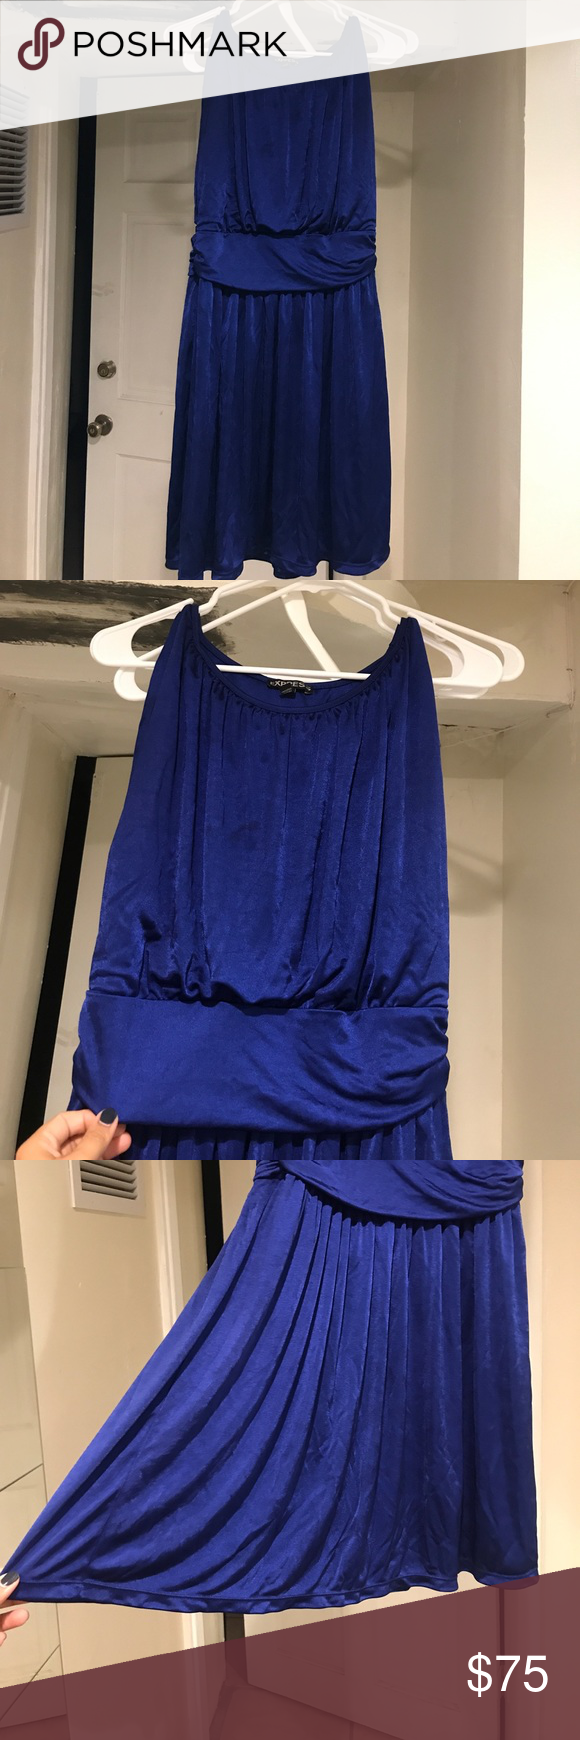 Expressu greek style short dress pinterest express dresses